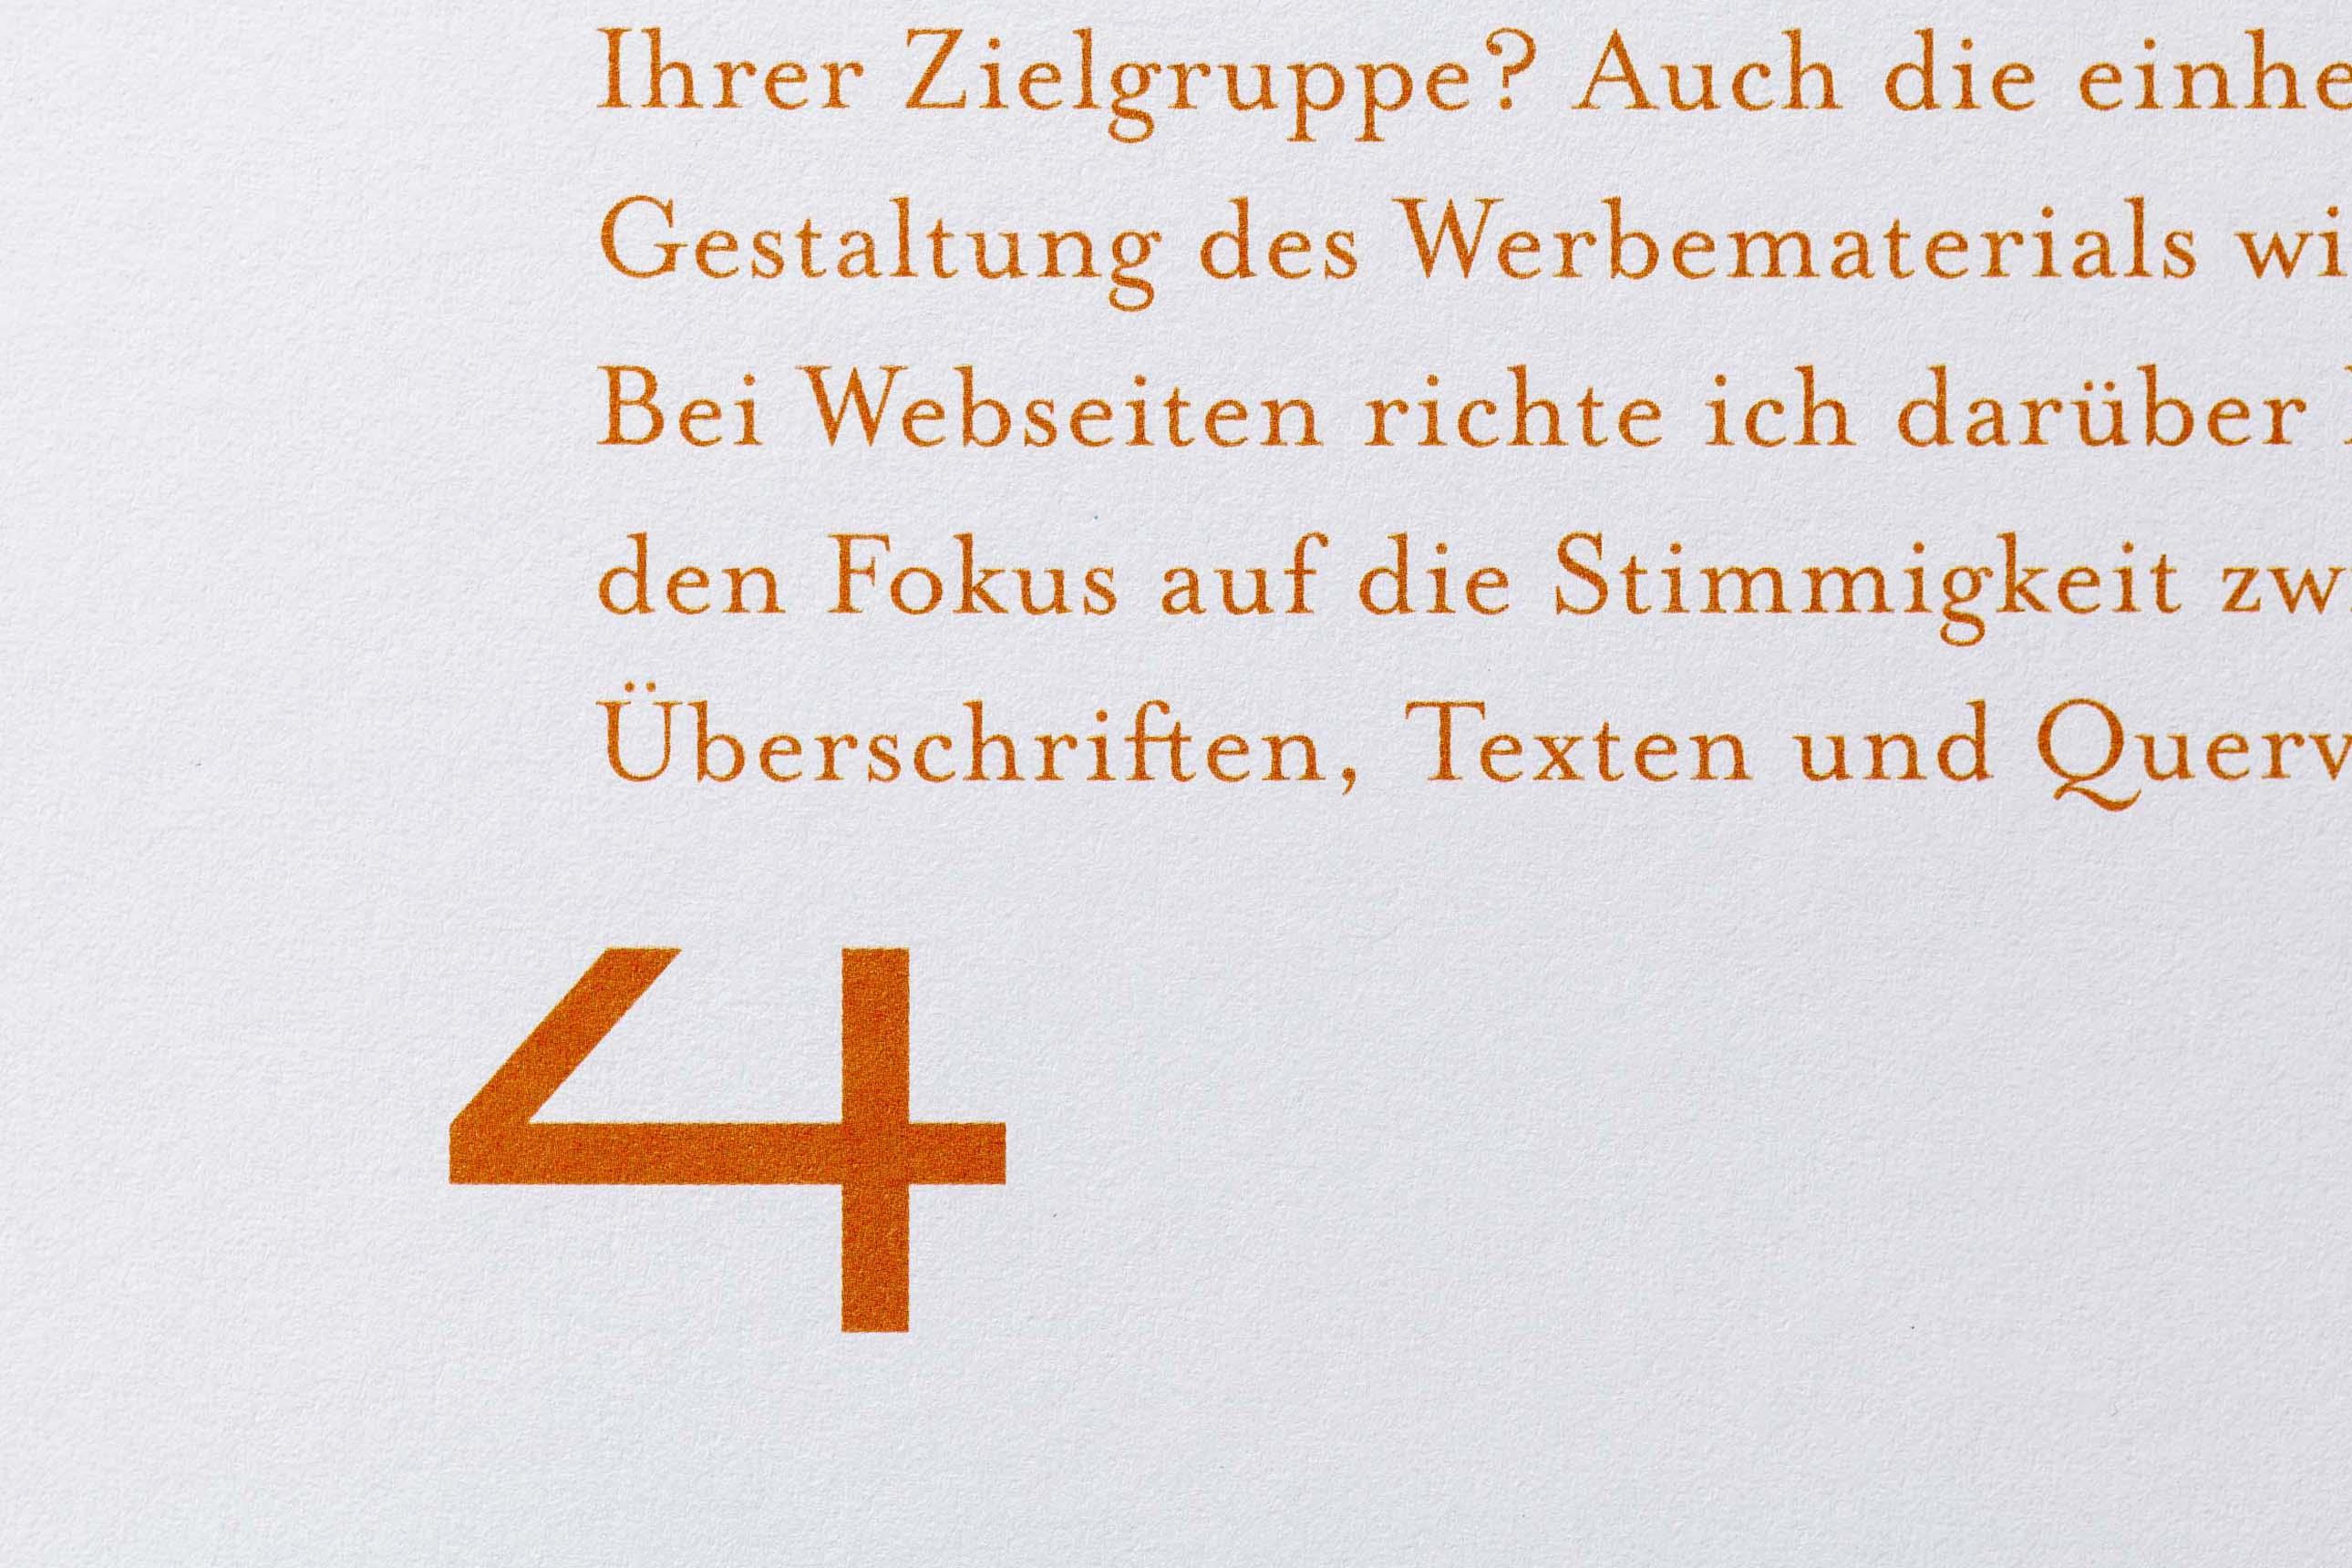 Grafikdesign für das Werbelektorat 3KANDT aus Memmingen